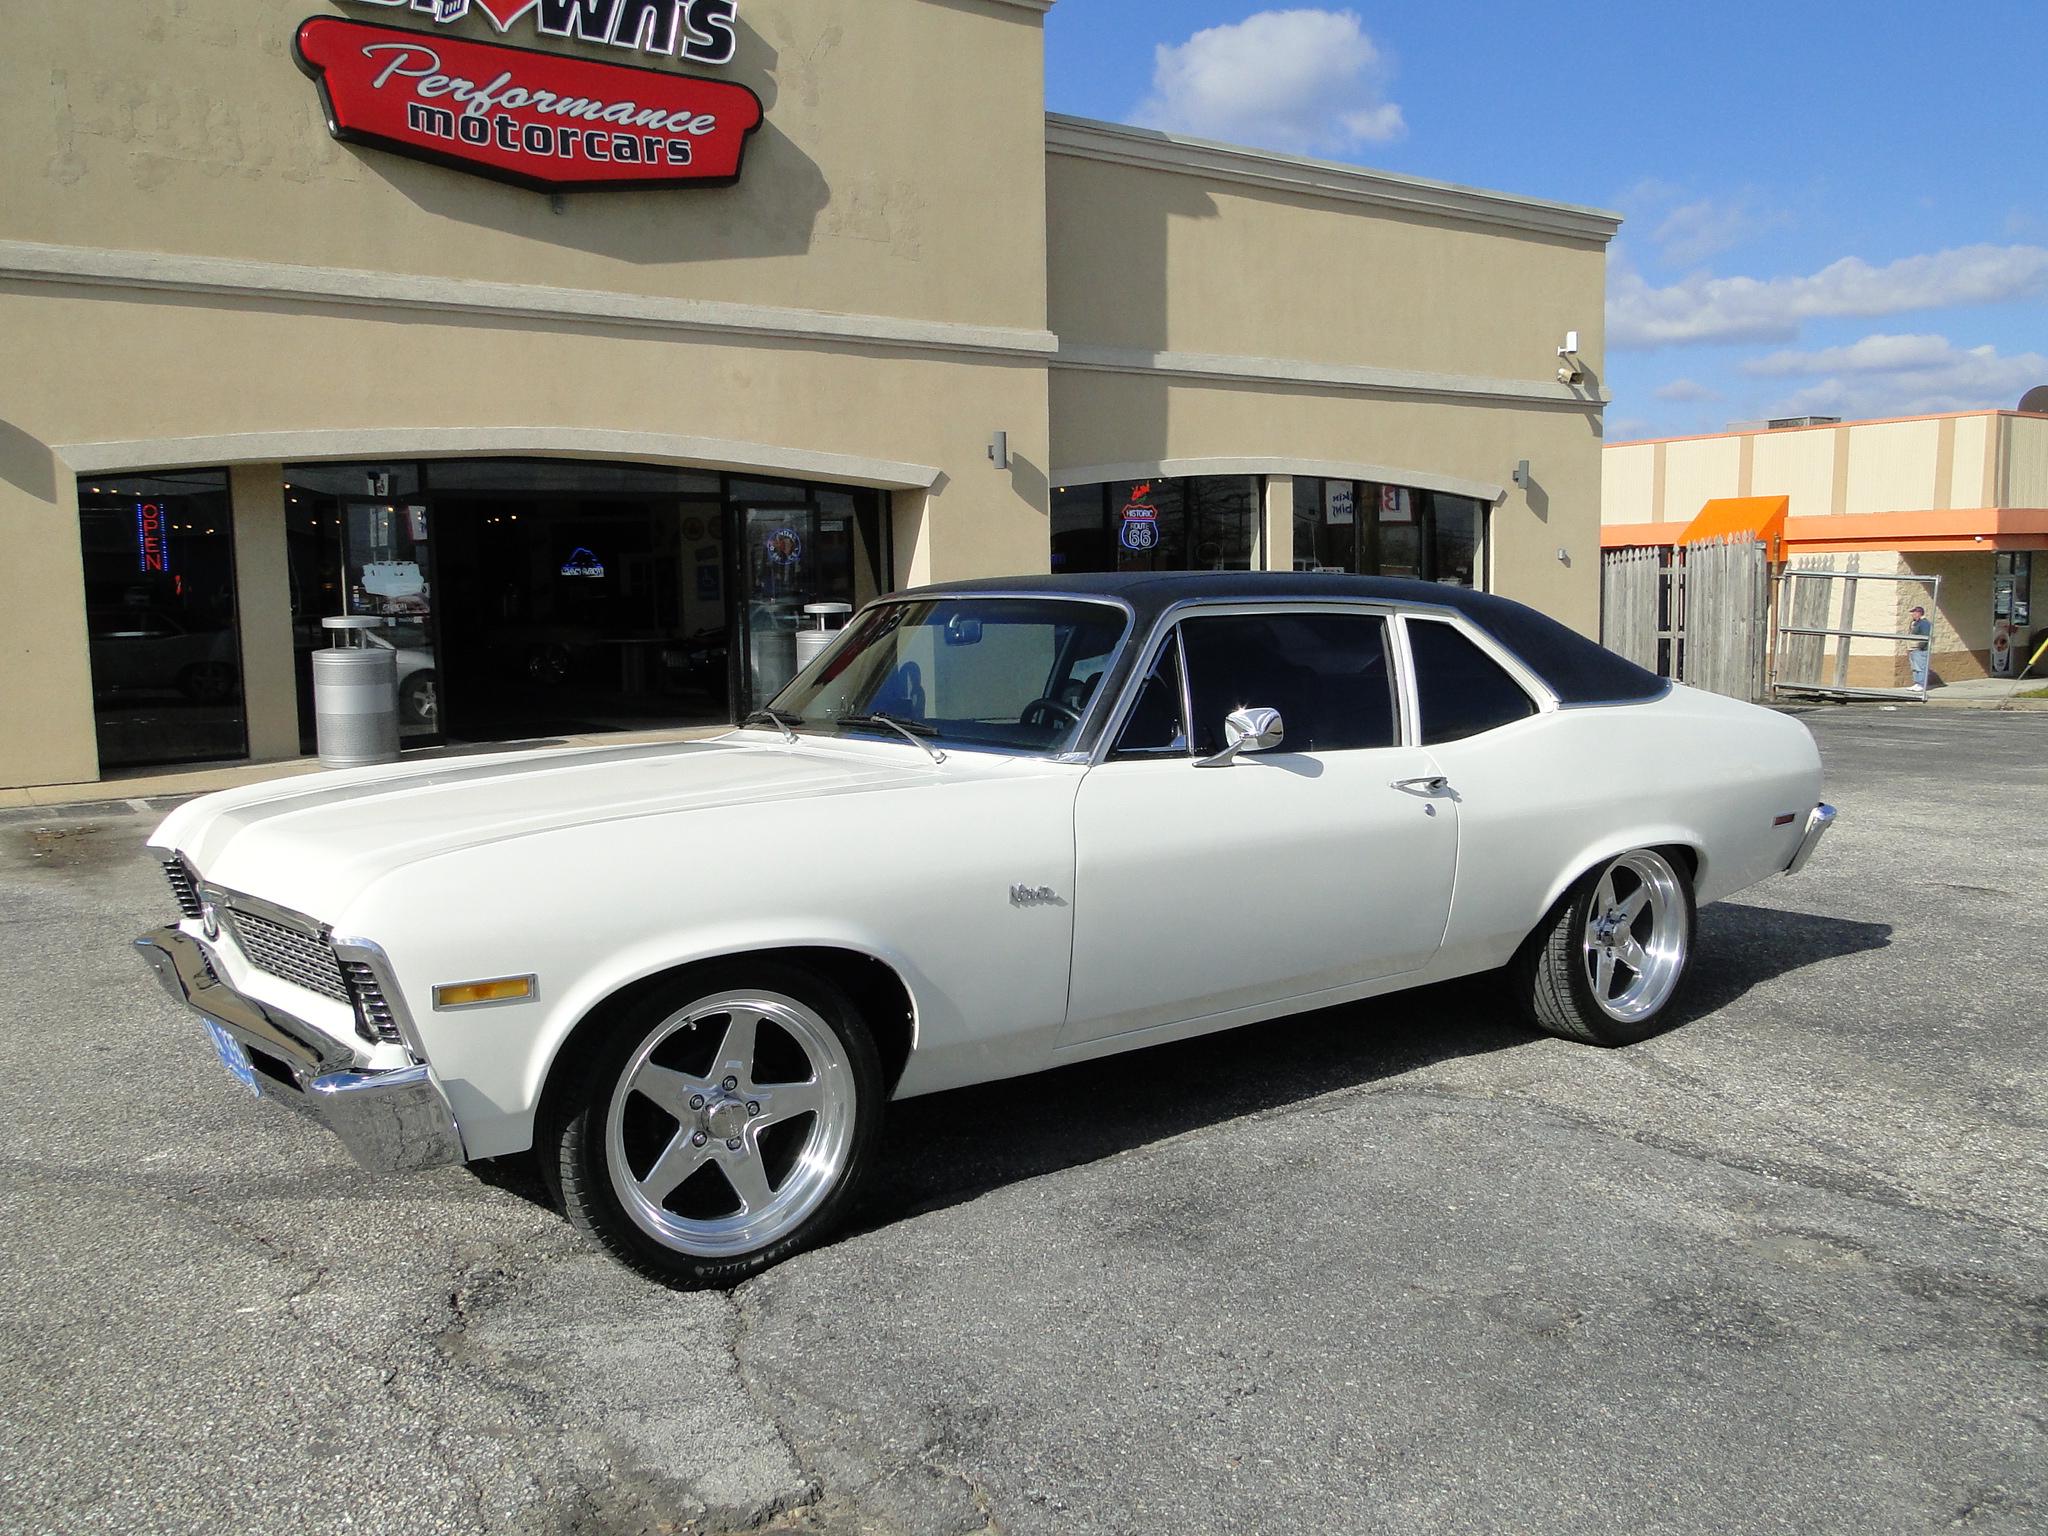 new 1972 chevrolet nova sold to ny